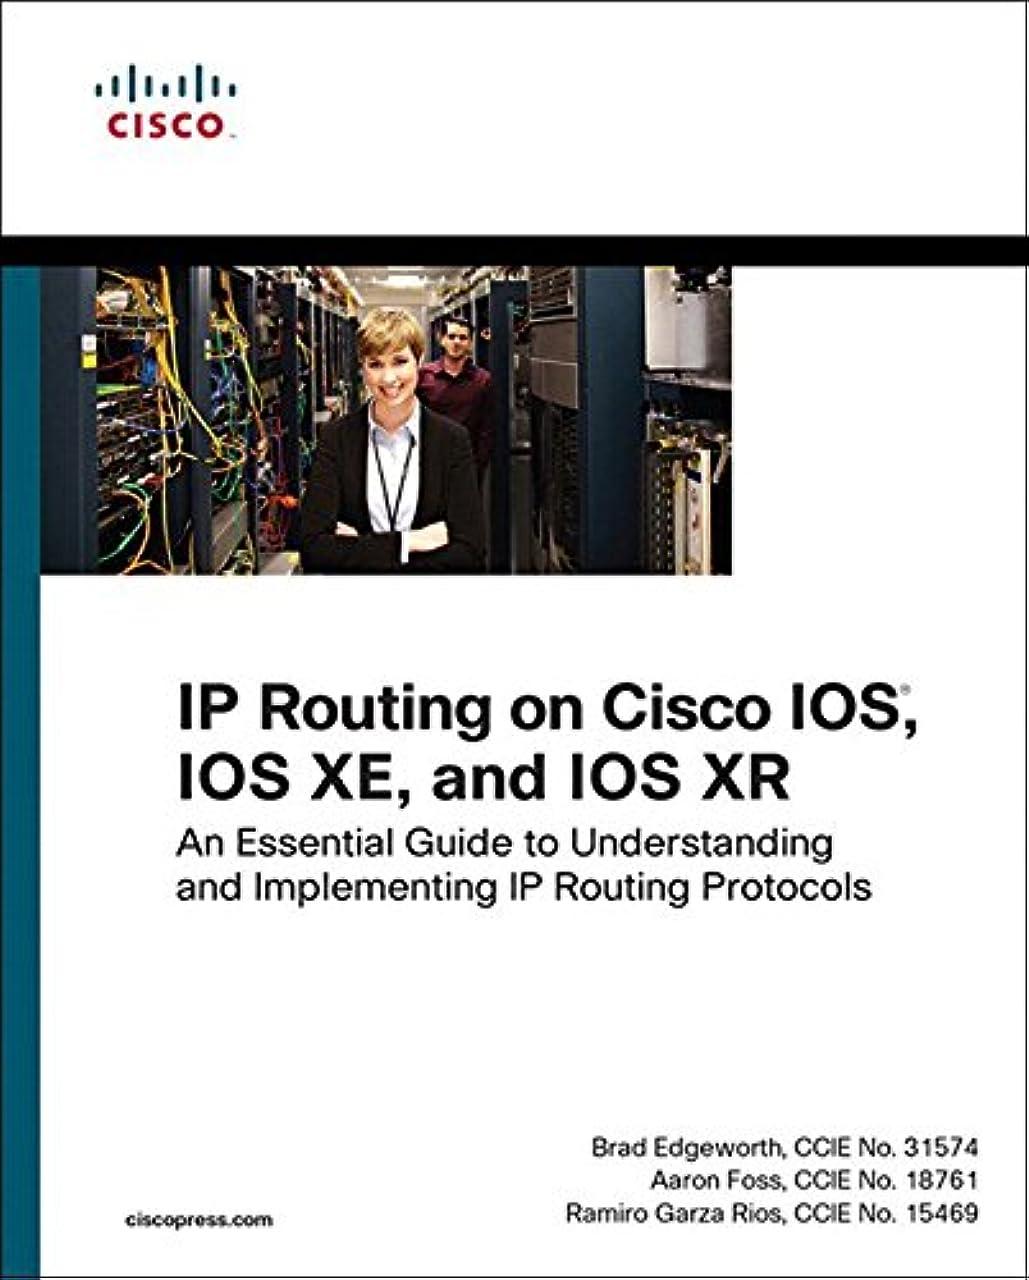 しなやかレールキャリアIP Routing on Cisco IOS, IOS XE, and IOS XR: An Essential Guide to Understanding and Implementing IP Routing Protocols (Networking Technology) (English Edition)